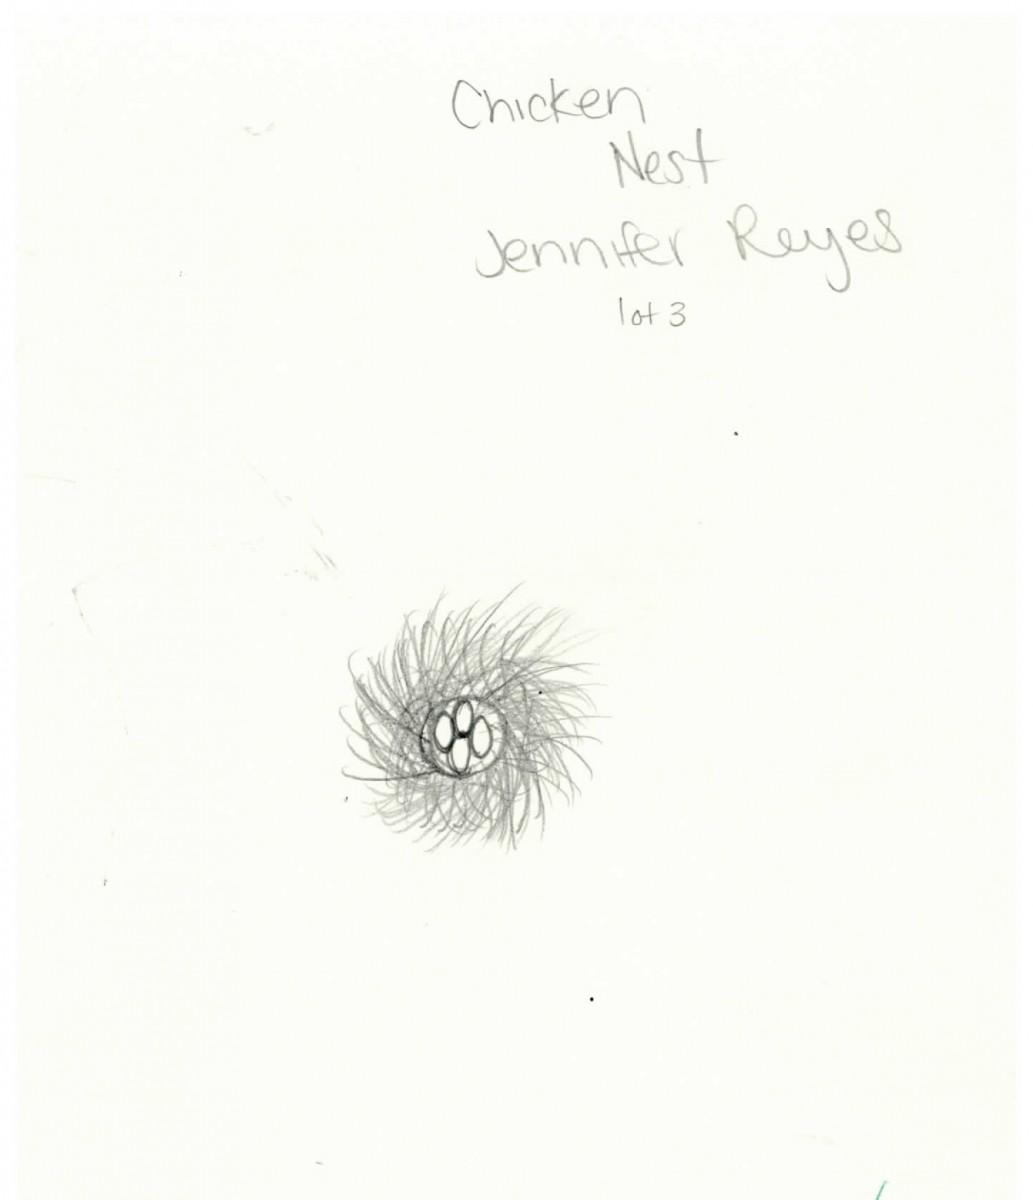 ARCH 1130 – Shelter sketches – jennifer reyes's ePortfolio